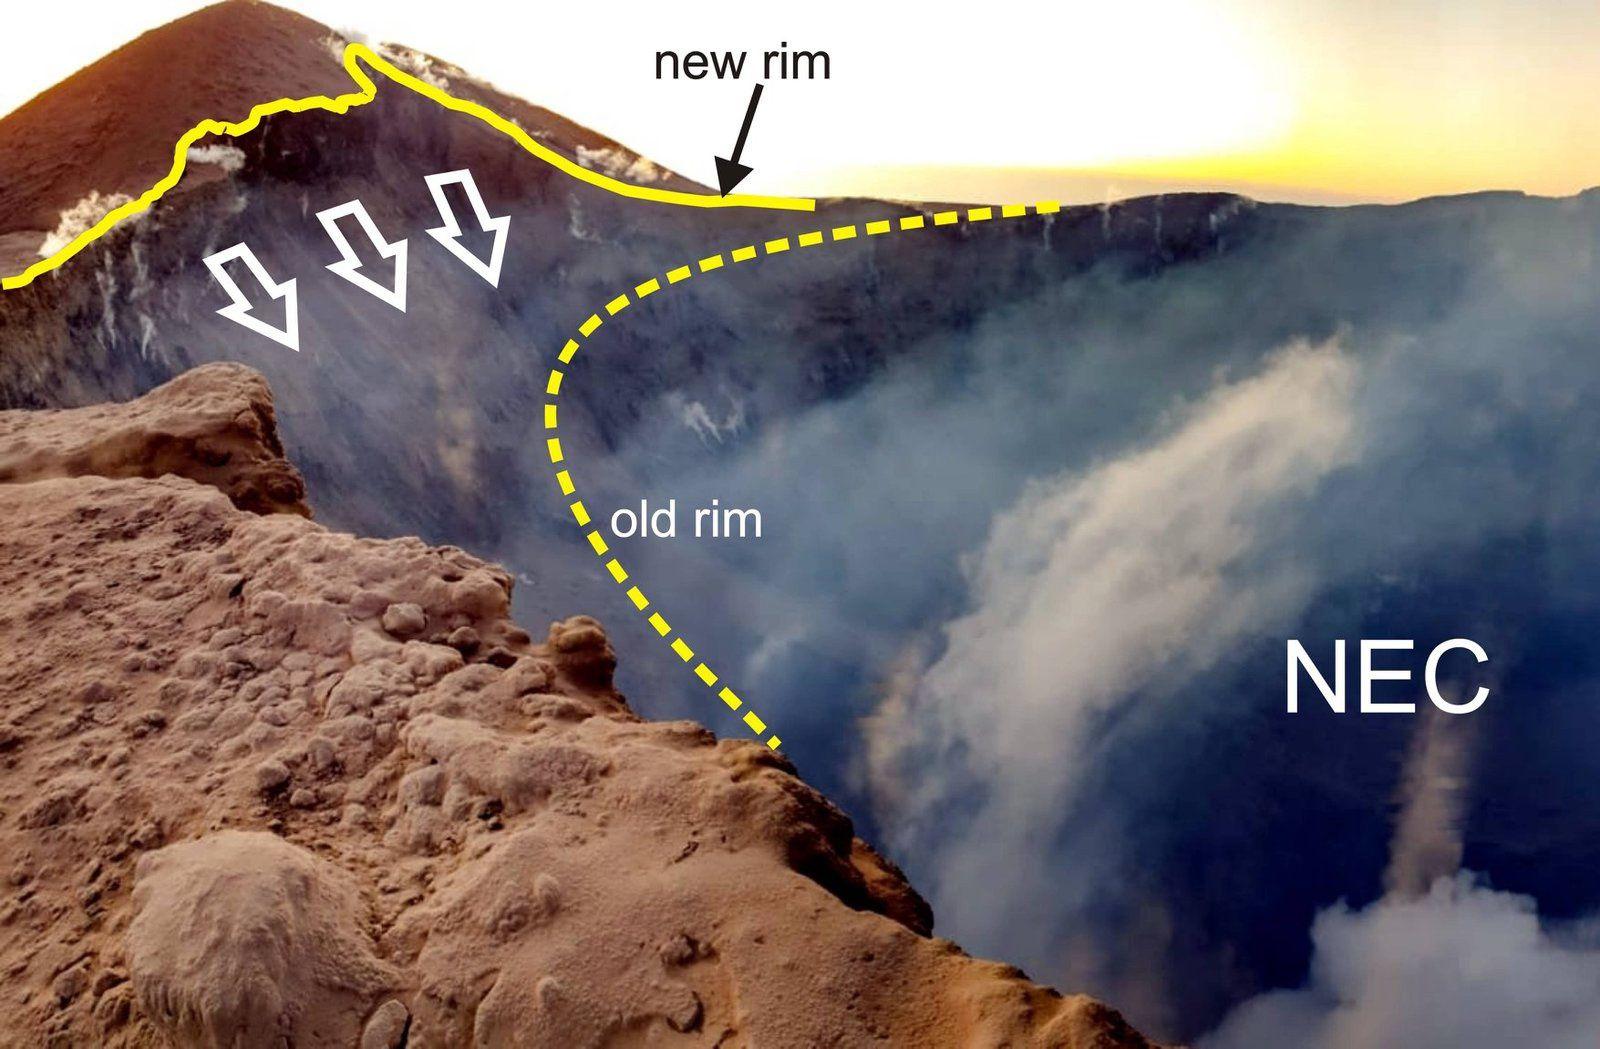 Etna - effondrement d'une partie de la paroi du cratère NE - photo M.Mammino via INGVvulcani